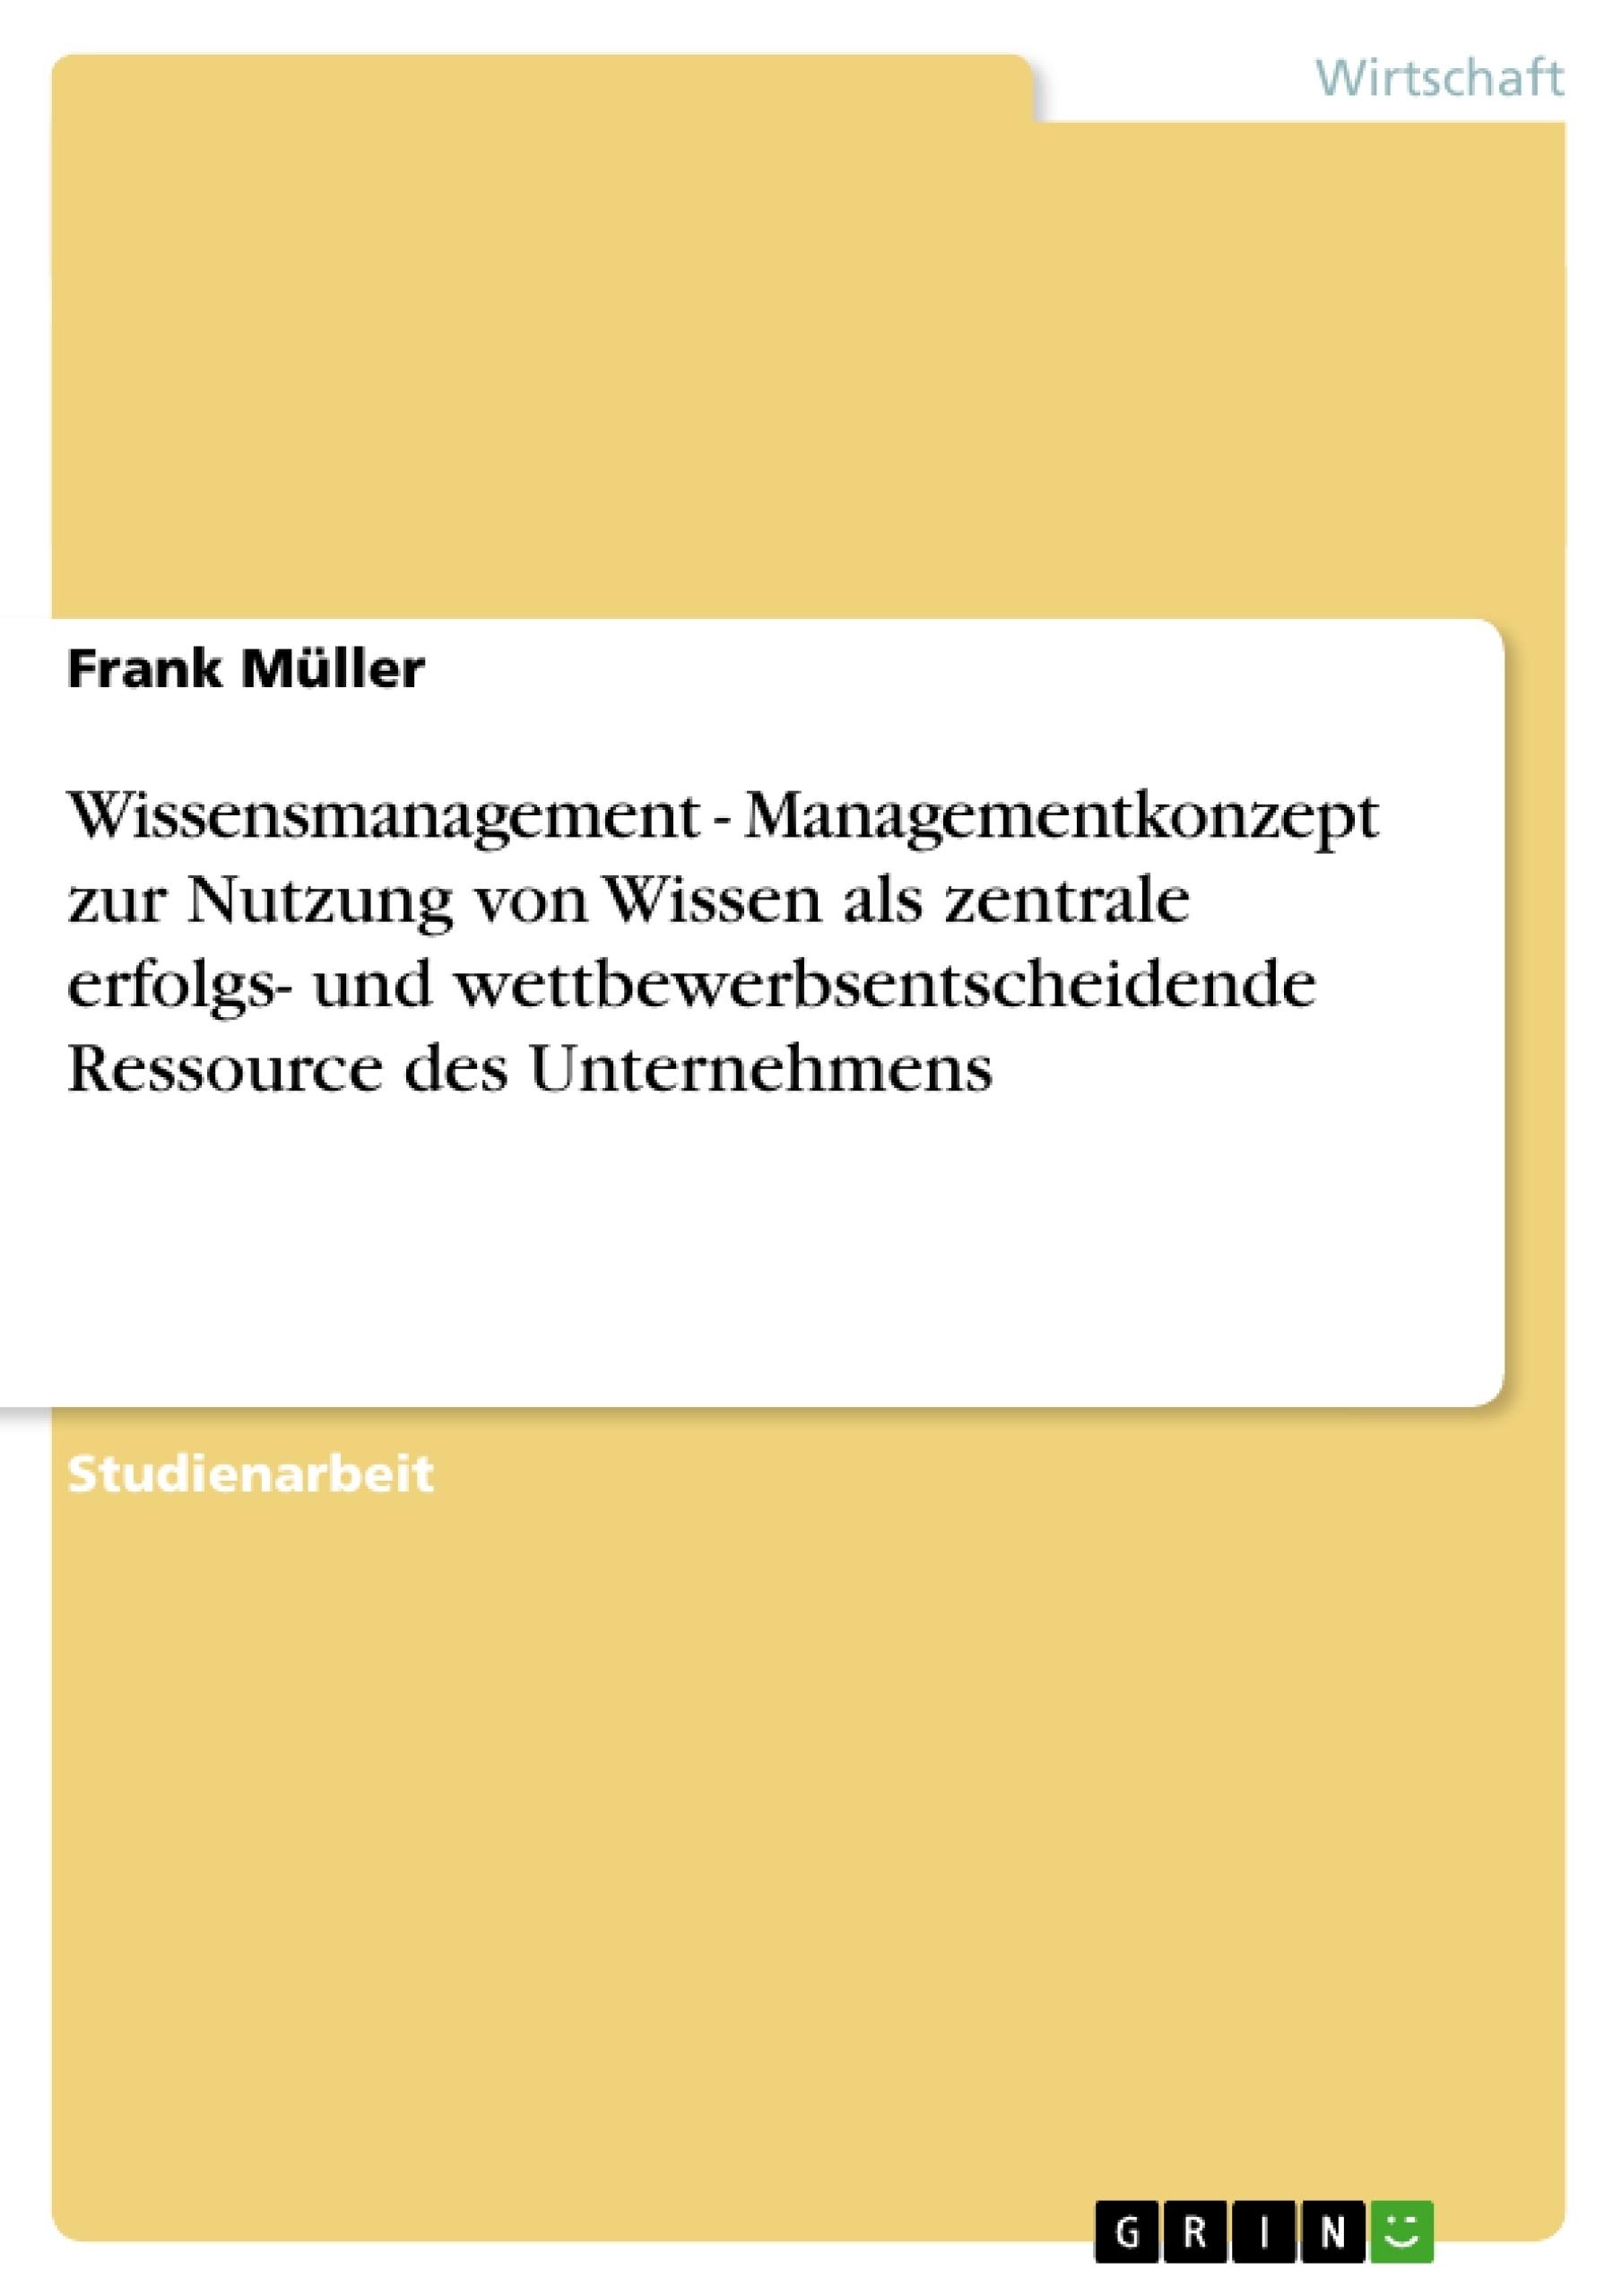 Titel: Wissensmanagement - Managementkonzept zur Nutzung von Wissen als zentrale erfolgs- und wettbewerbsentscheidende Ressource des Unternehmens